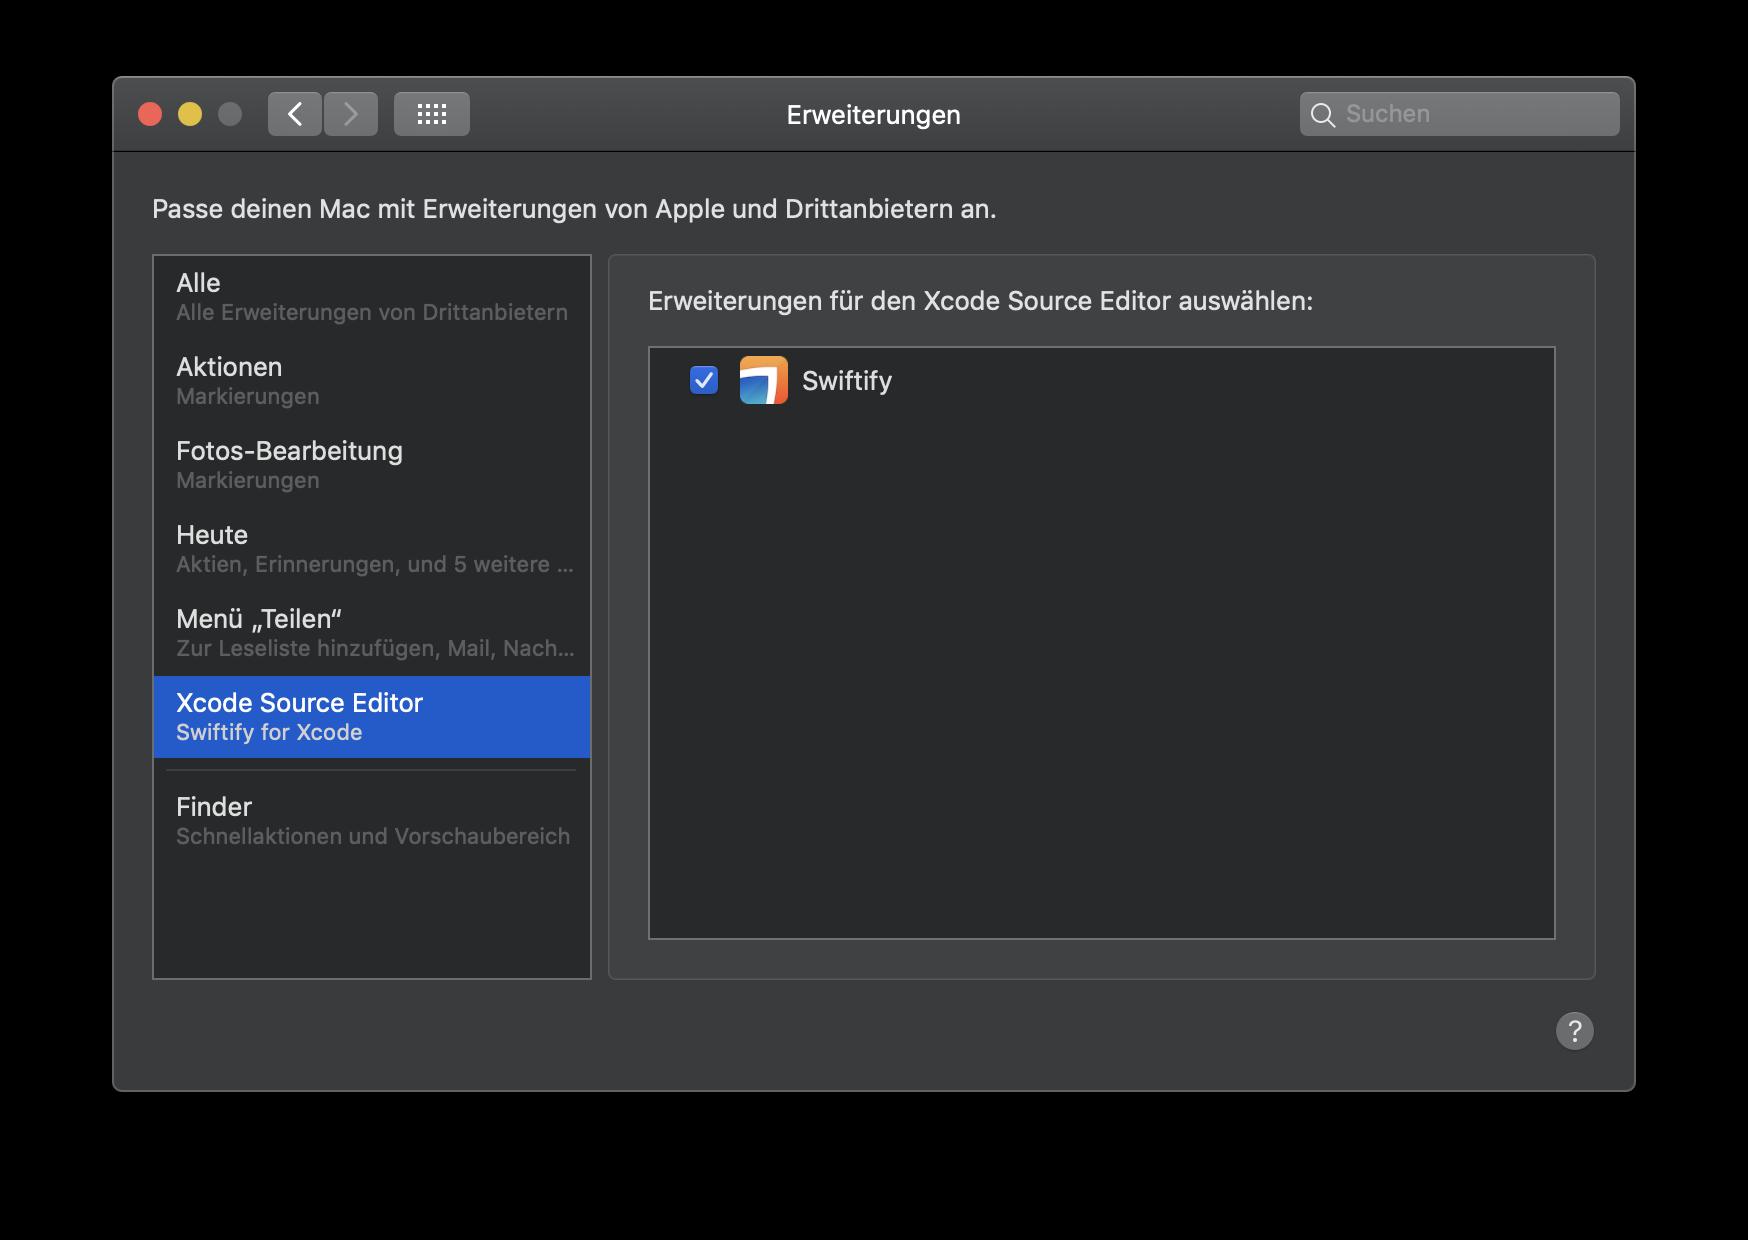 Nach der Installation von Swiftify auf dem Mac muss die Extension noch in den Systemeinstellungen von macOS aktiviert werden.